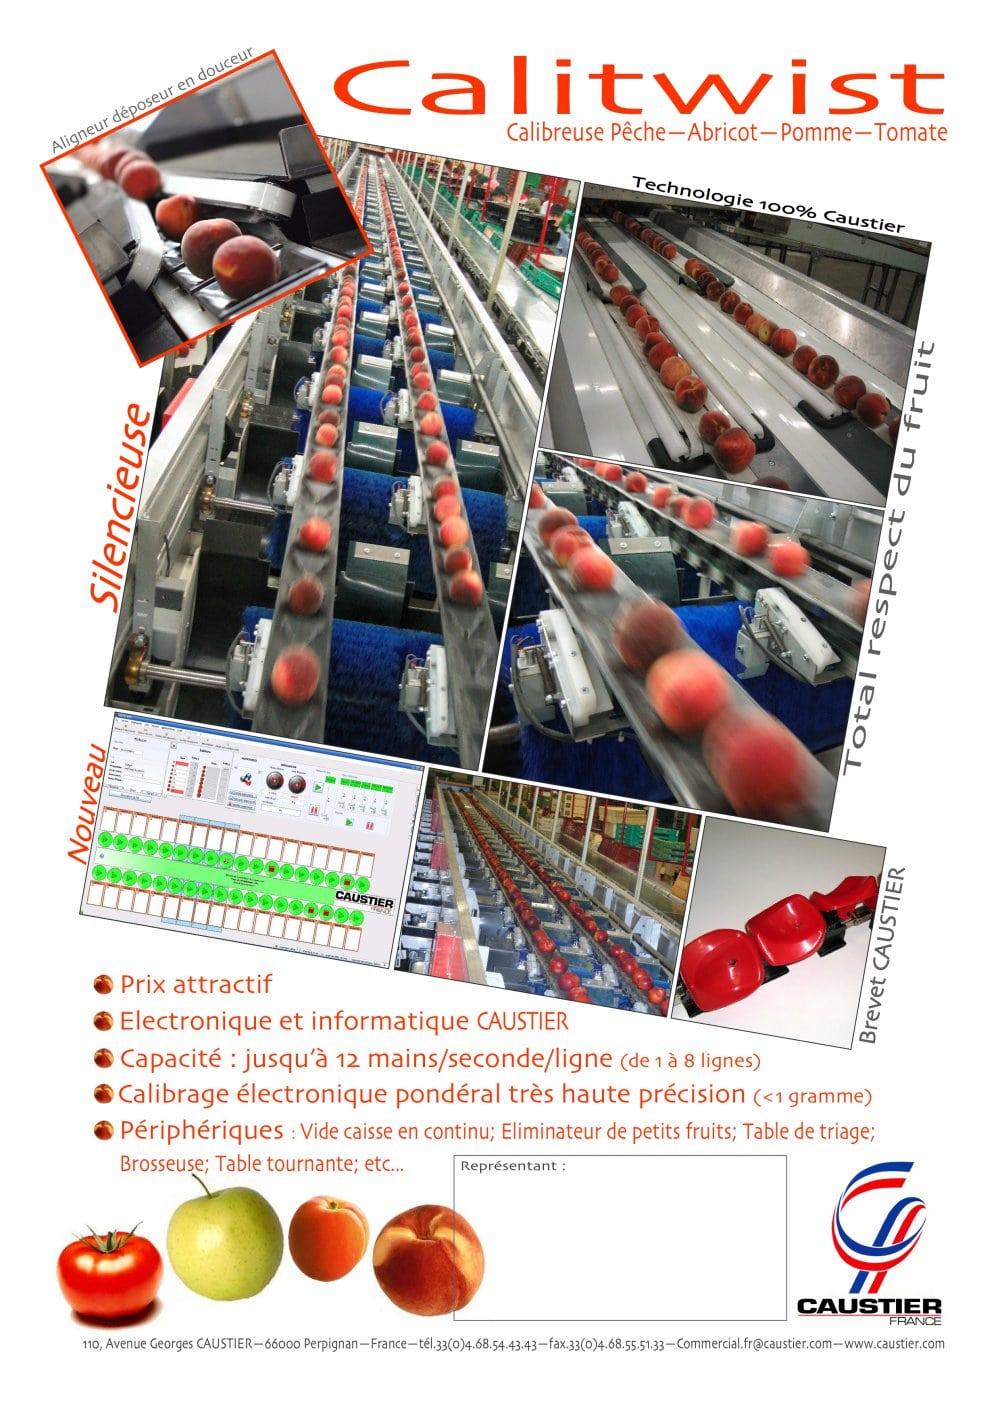 Caisse De Pomme Vide calitwist-peche-2l - caustierstc - pdf catalogue